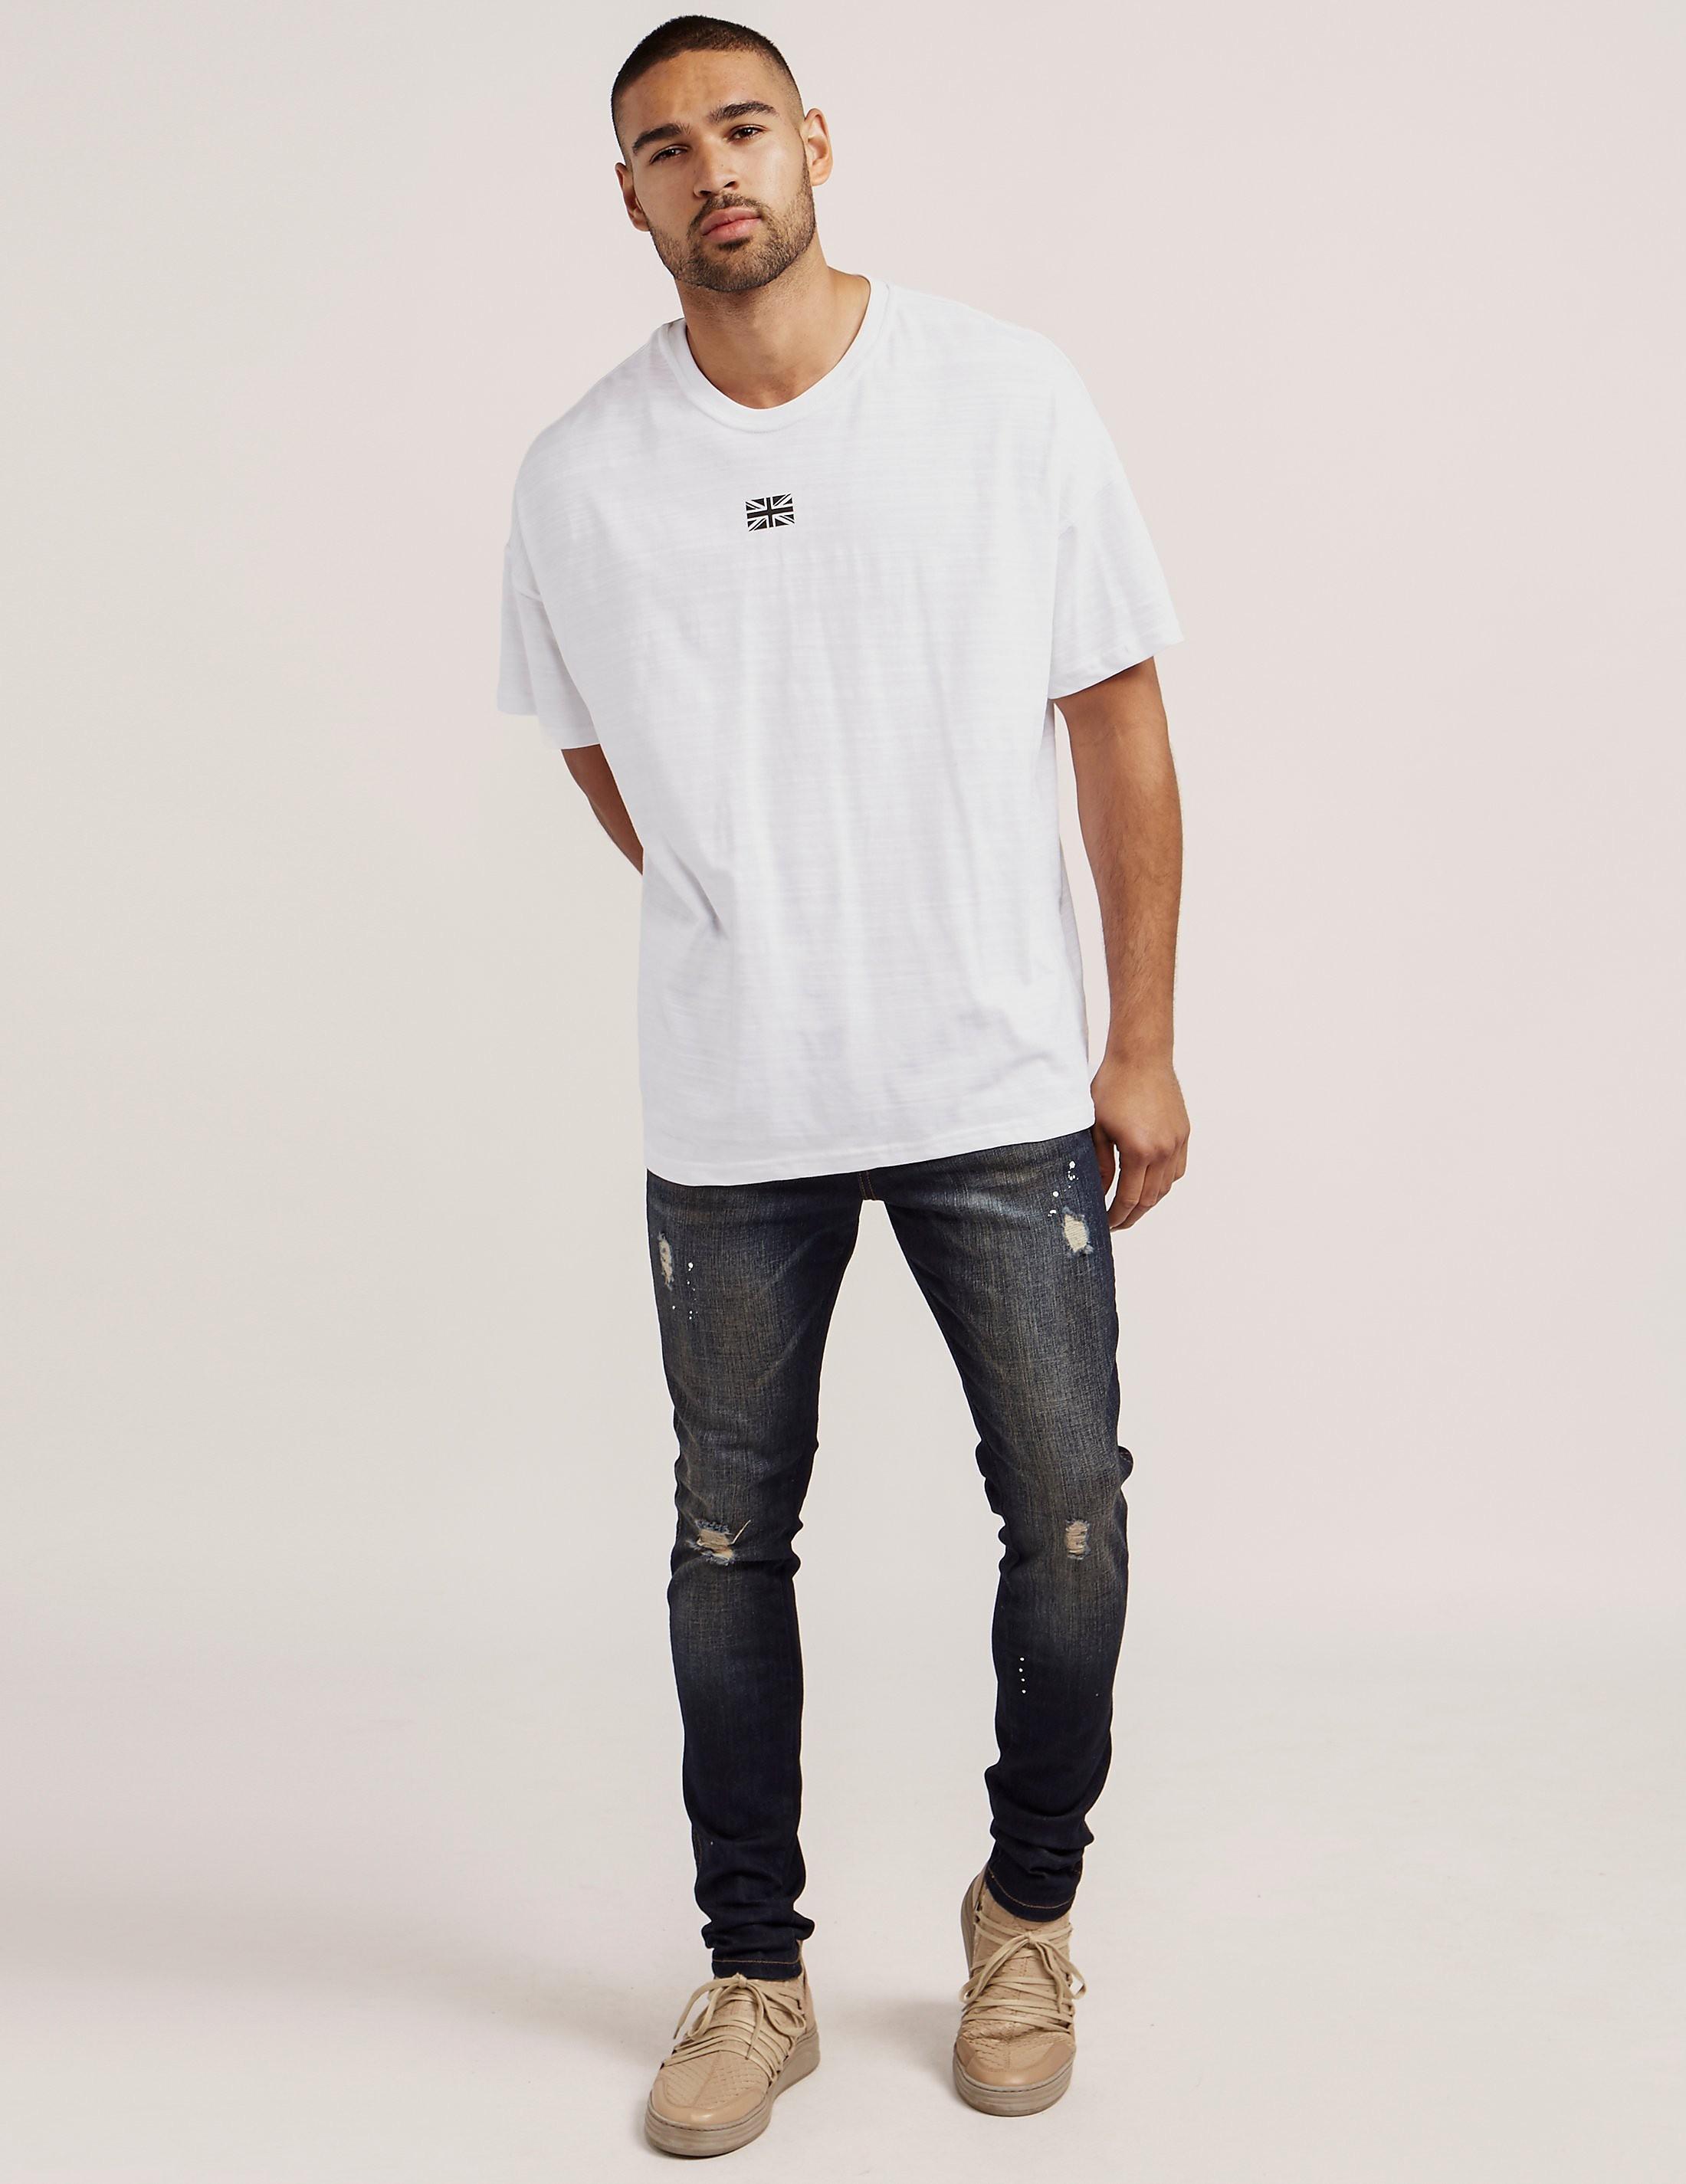 Represent Paint Jeans